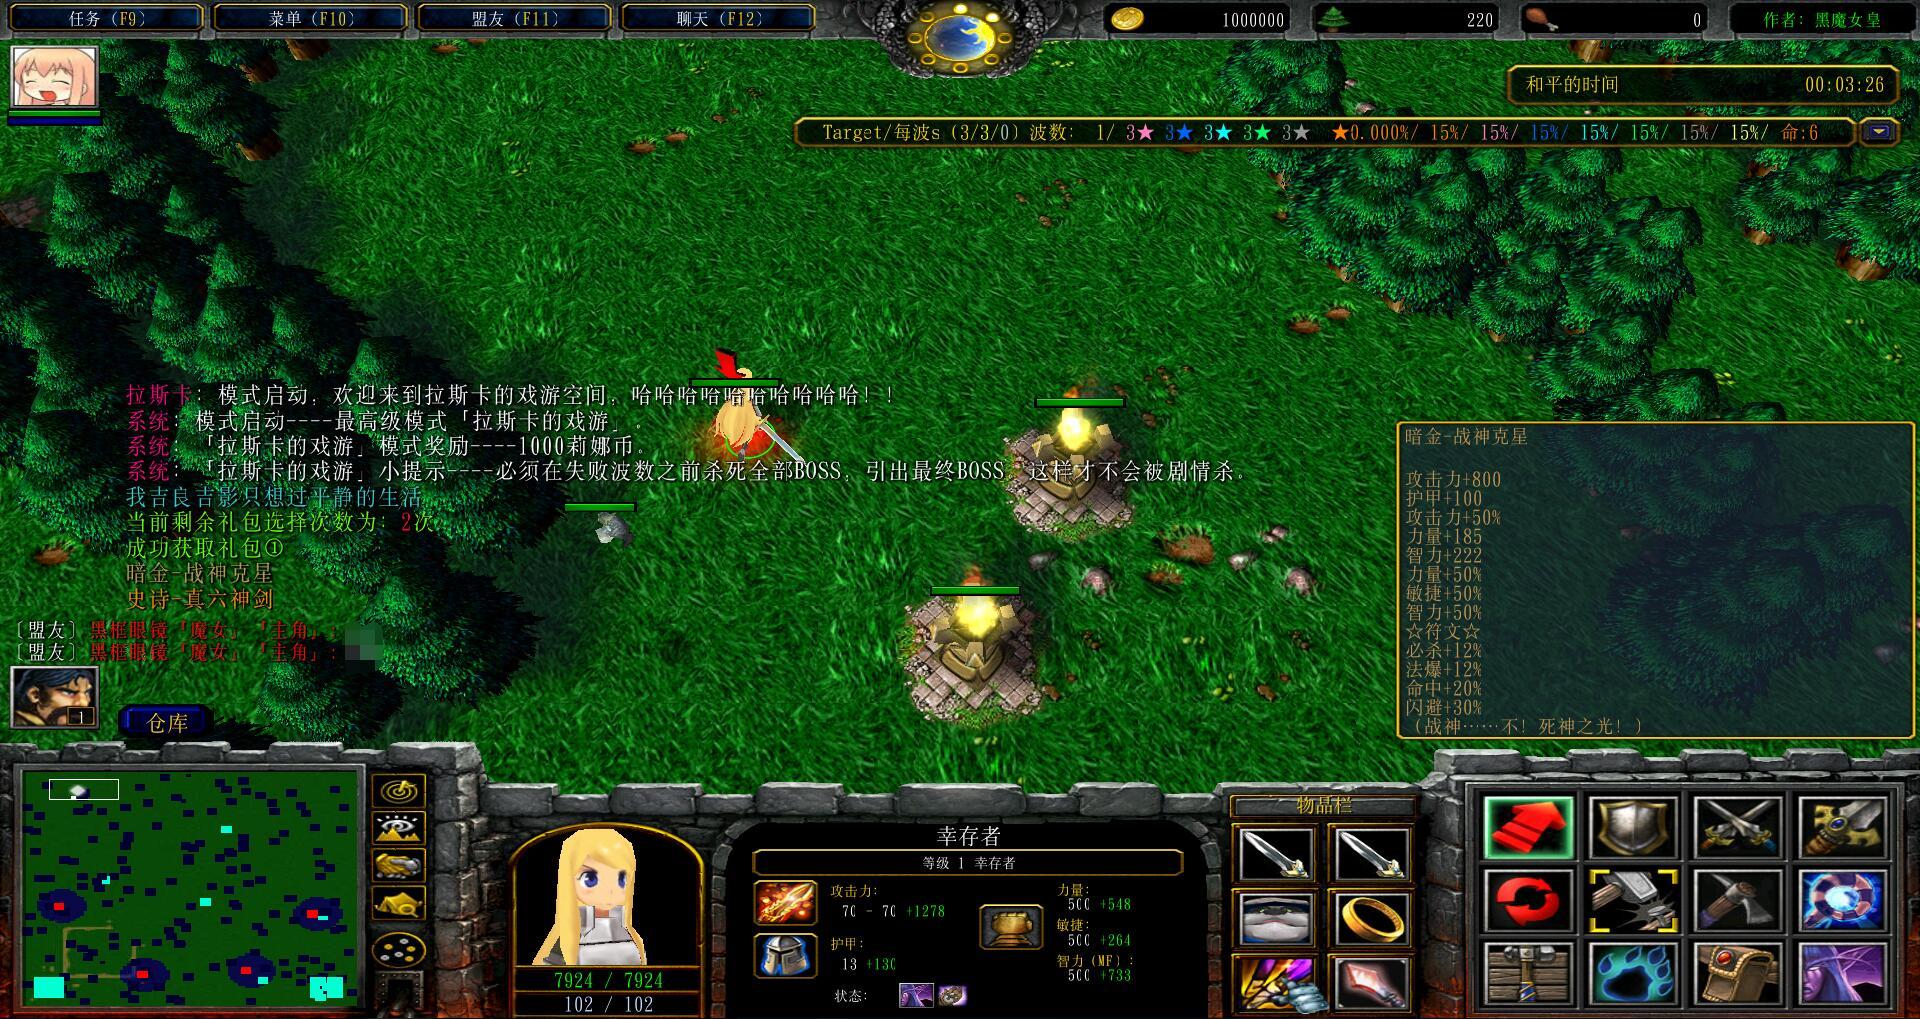 魔幻森林的仙女龙3官方正式版7.7.9破解